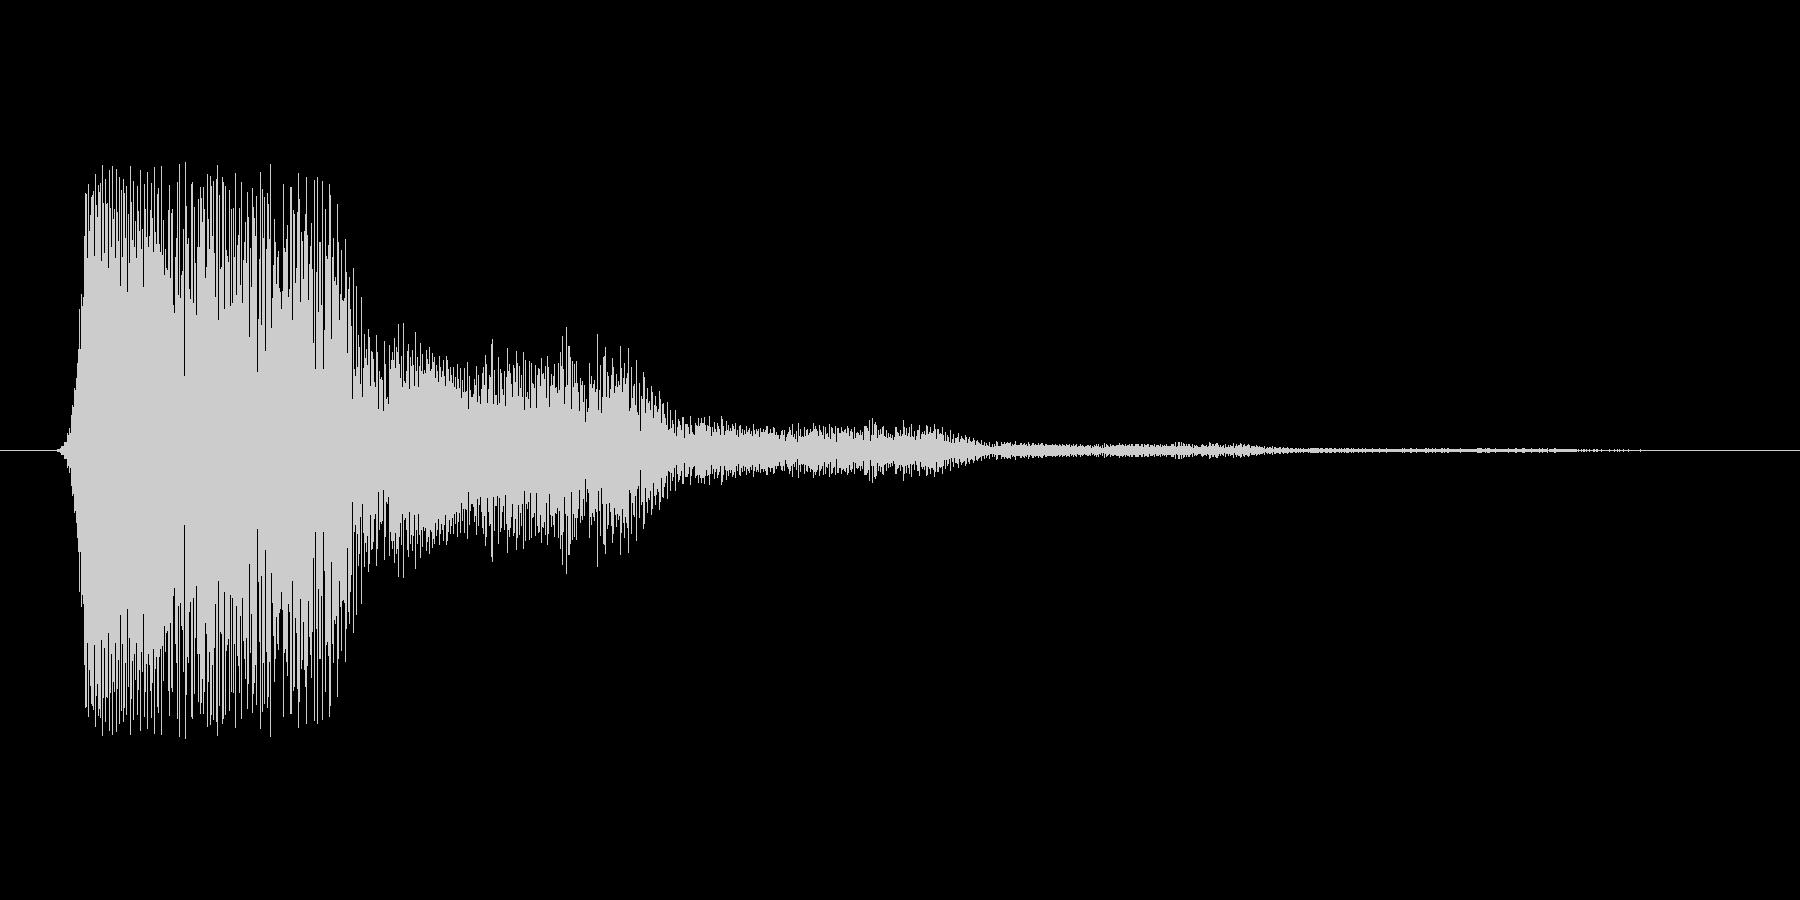 ファミコン風効果音 キャンセル系 08の未再生の波形